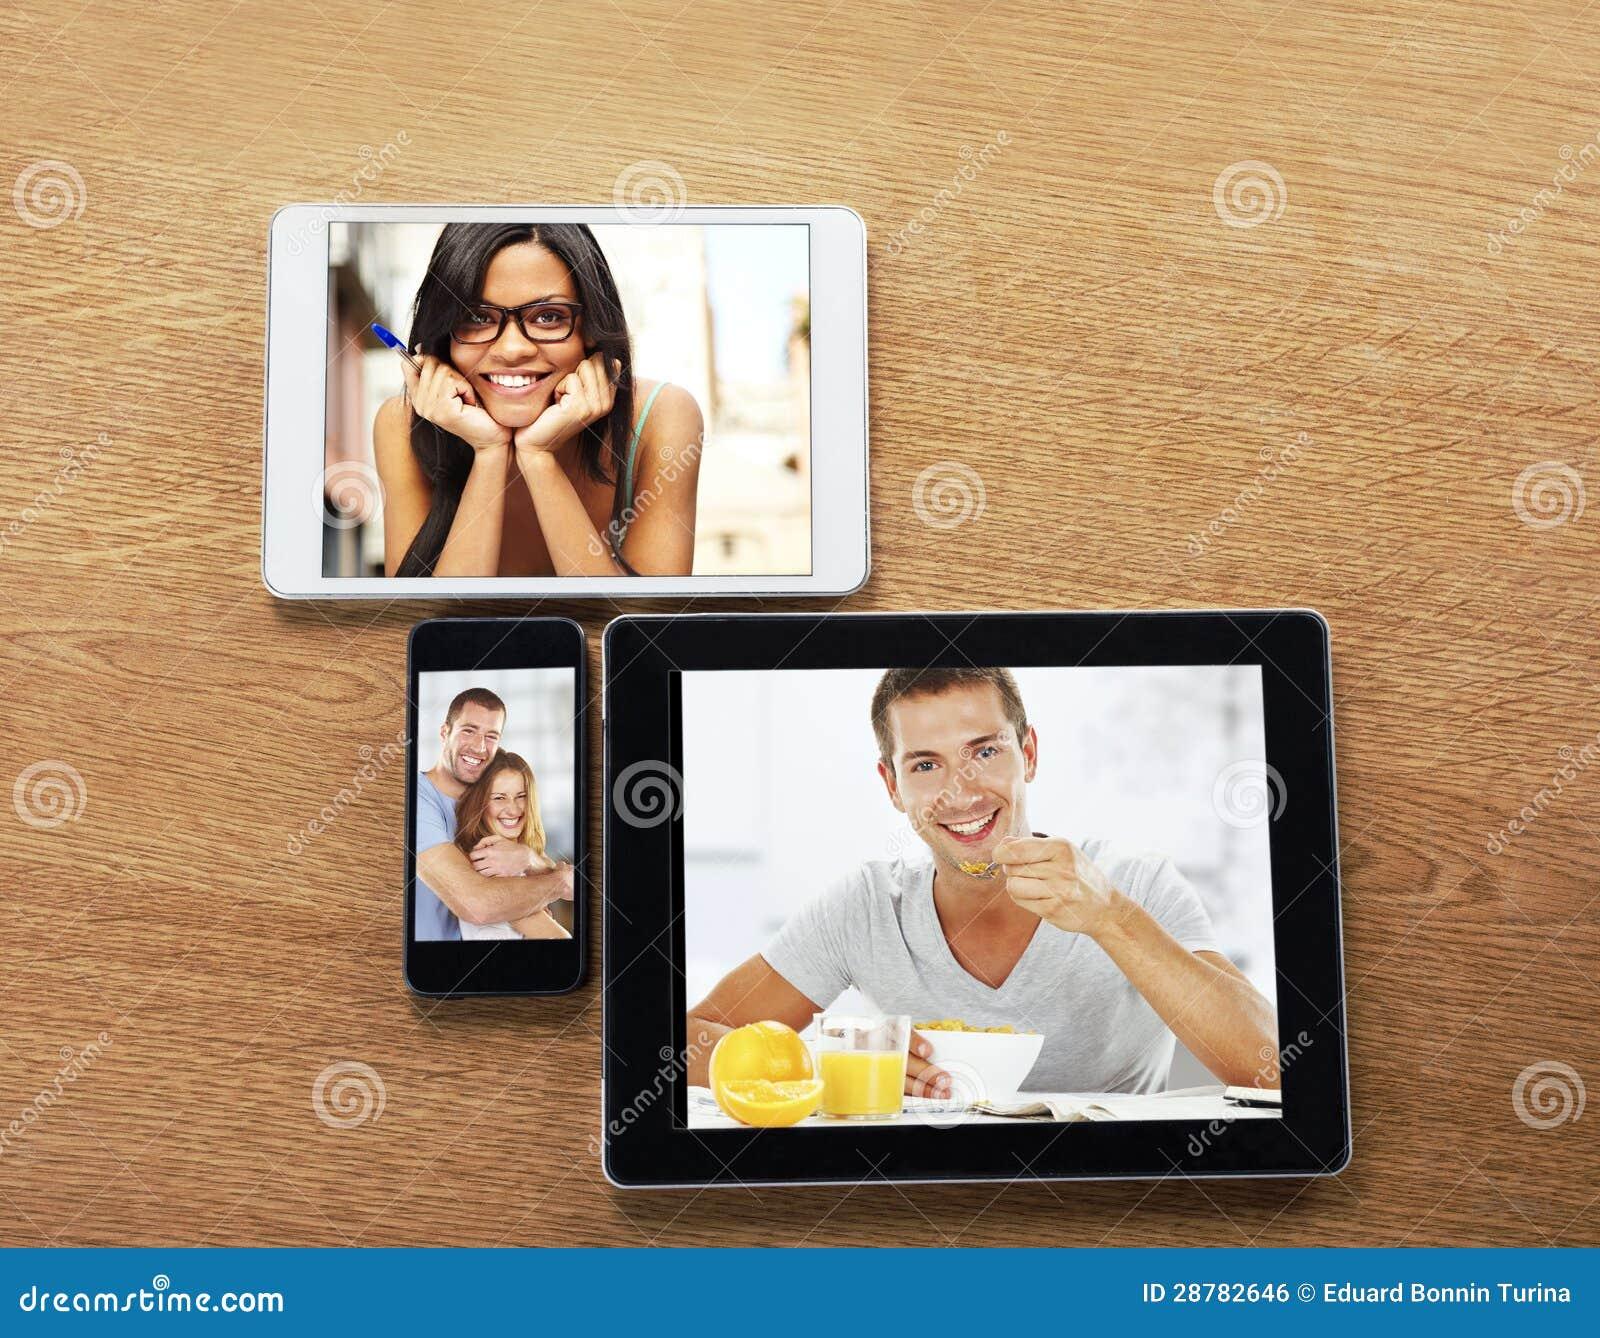 Tablettes de Digitals et téléphone intelligent avec des images sur un bureau